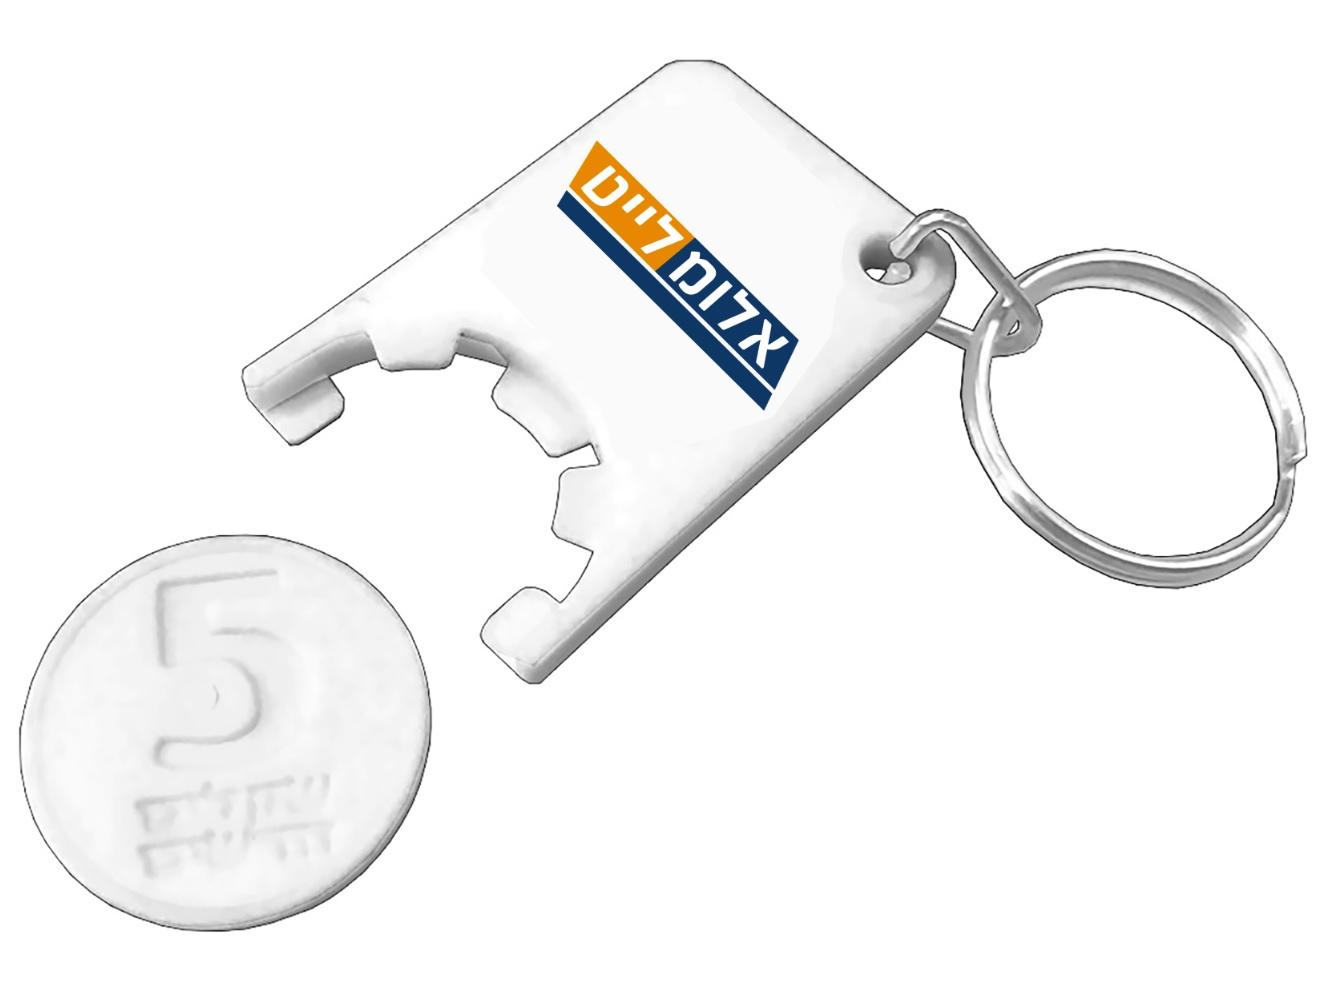 מחזיקי מפתחות מודפסים